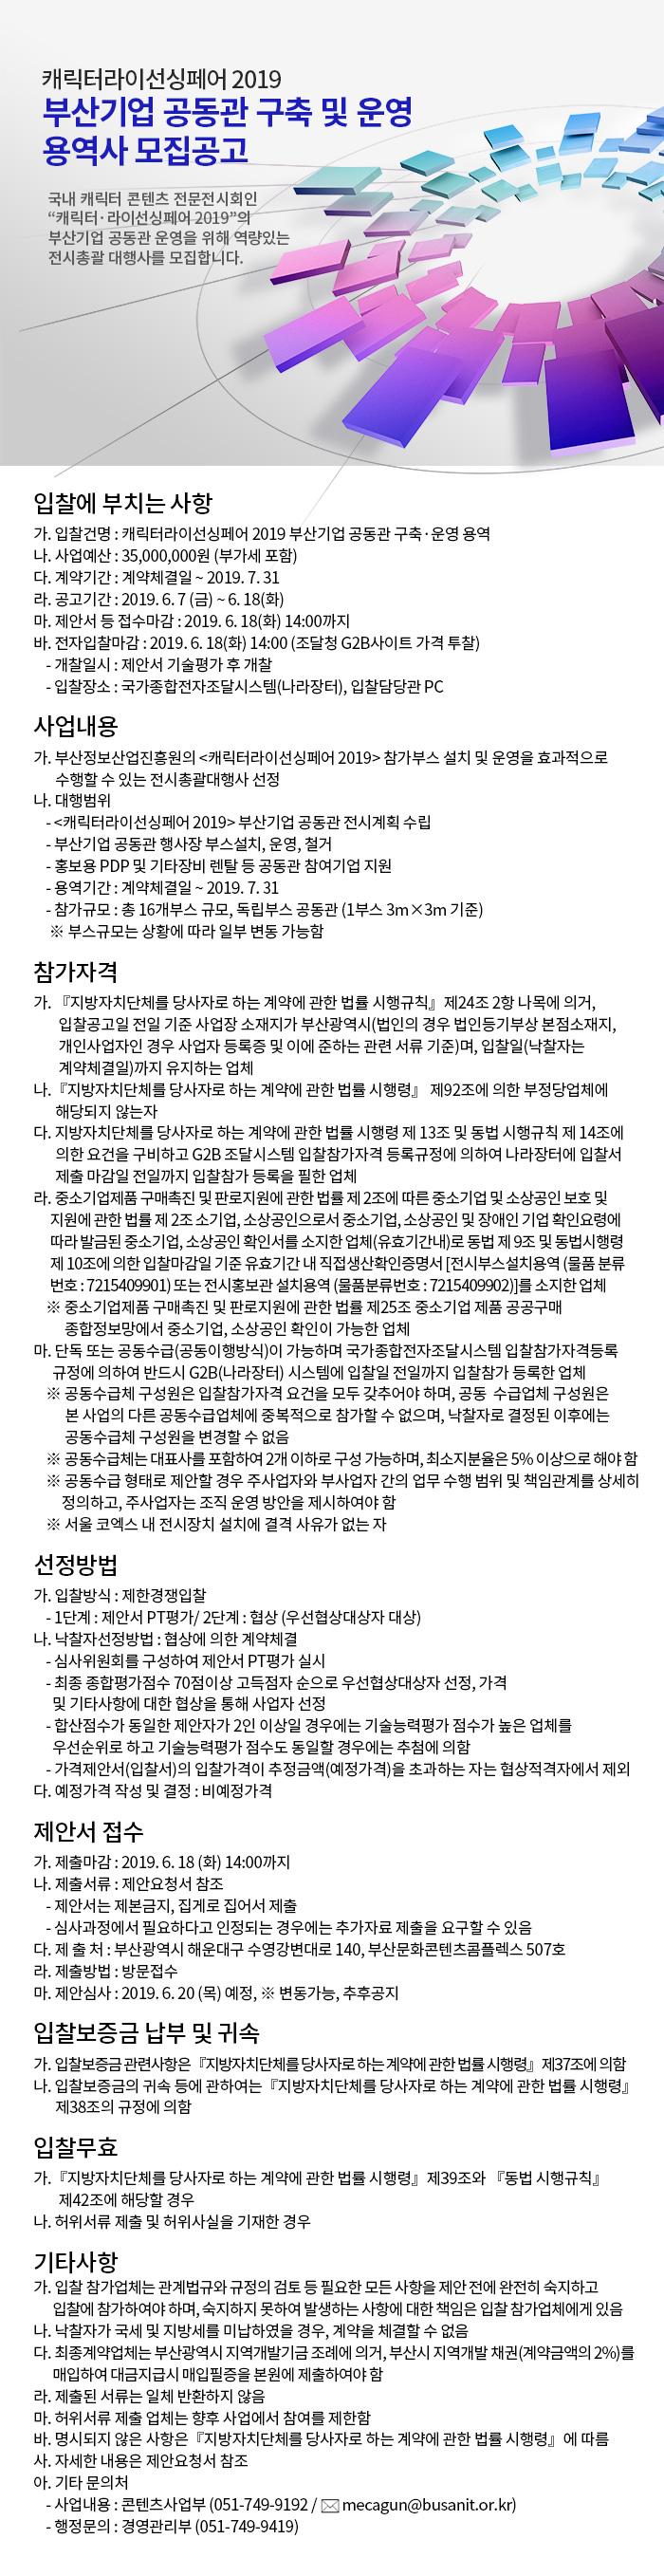 캐릭터라이선싱페어 2019 부산기업 공동관 구축 및 운영 용역사 모집공고